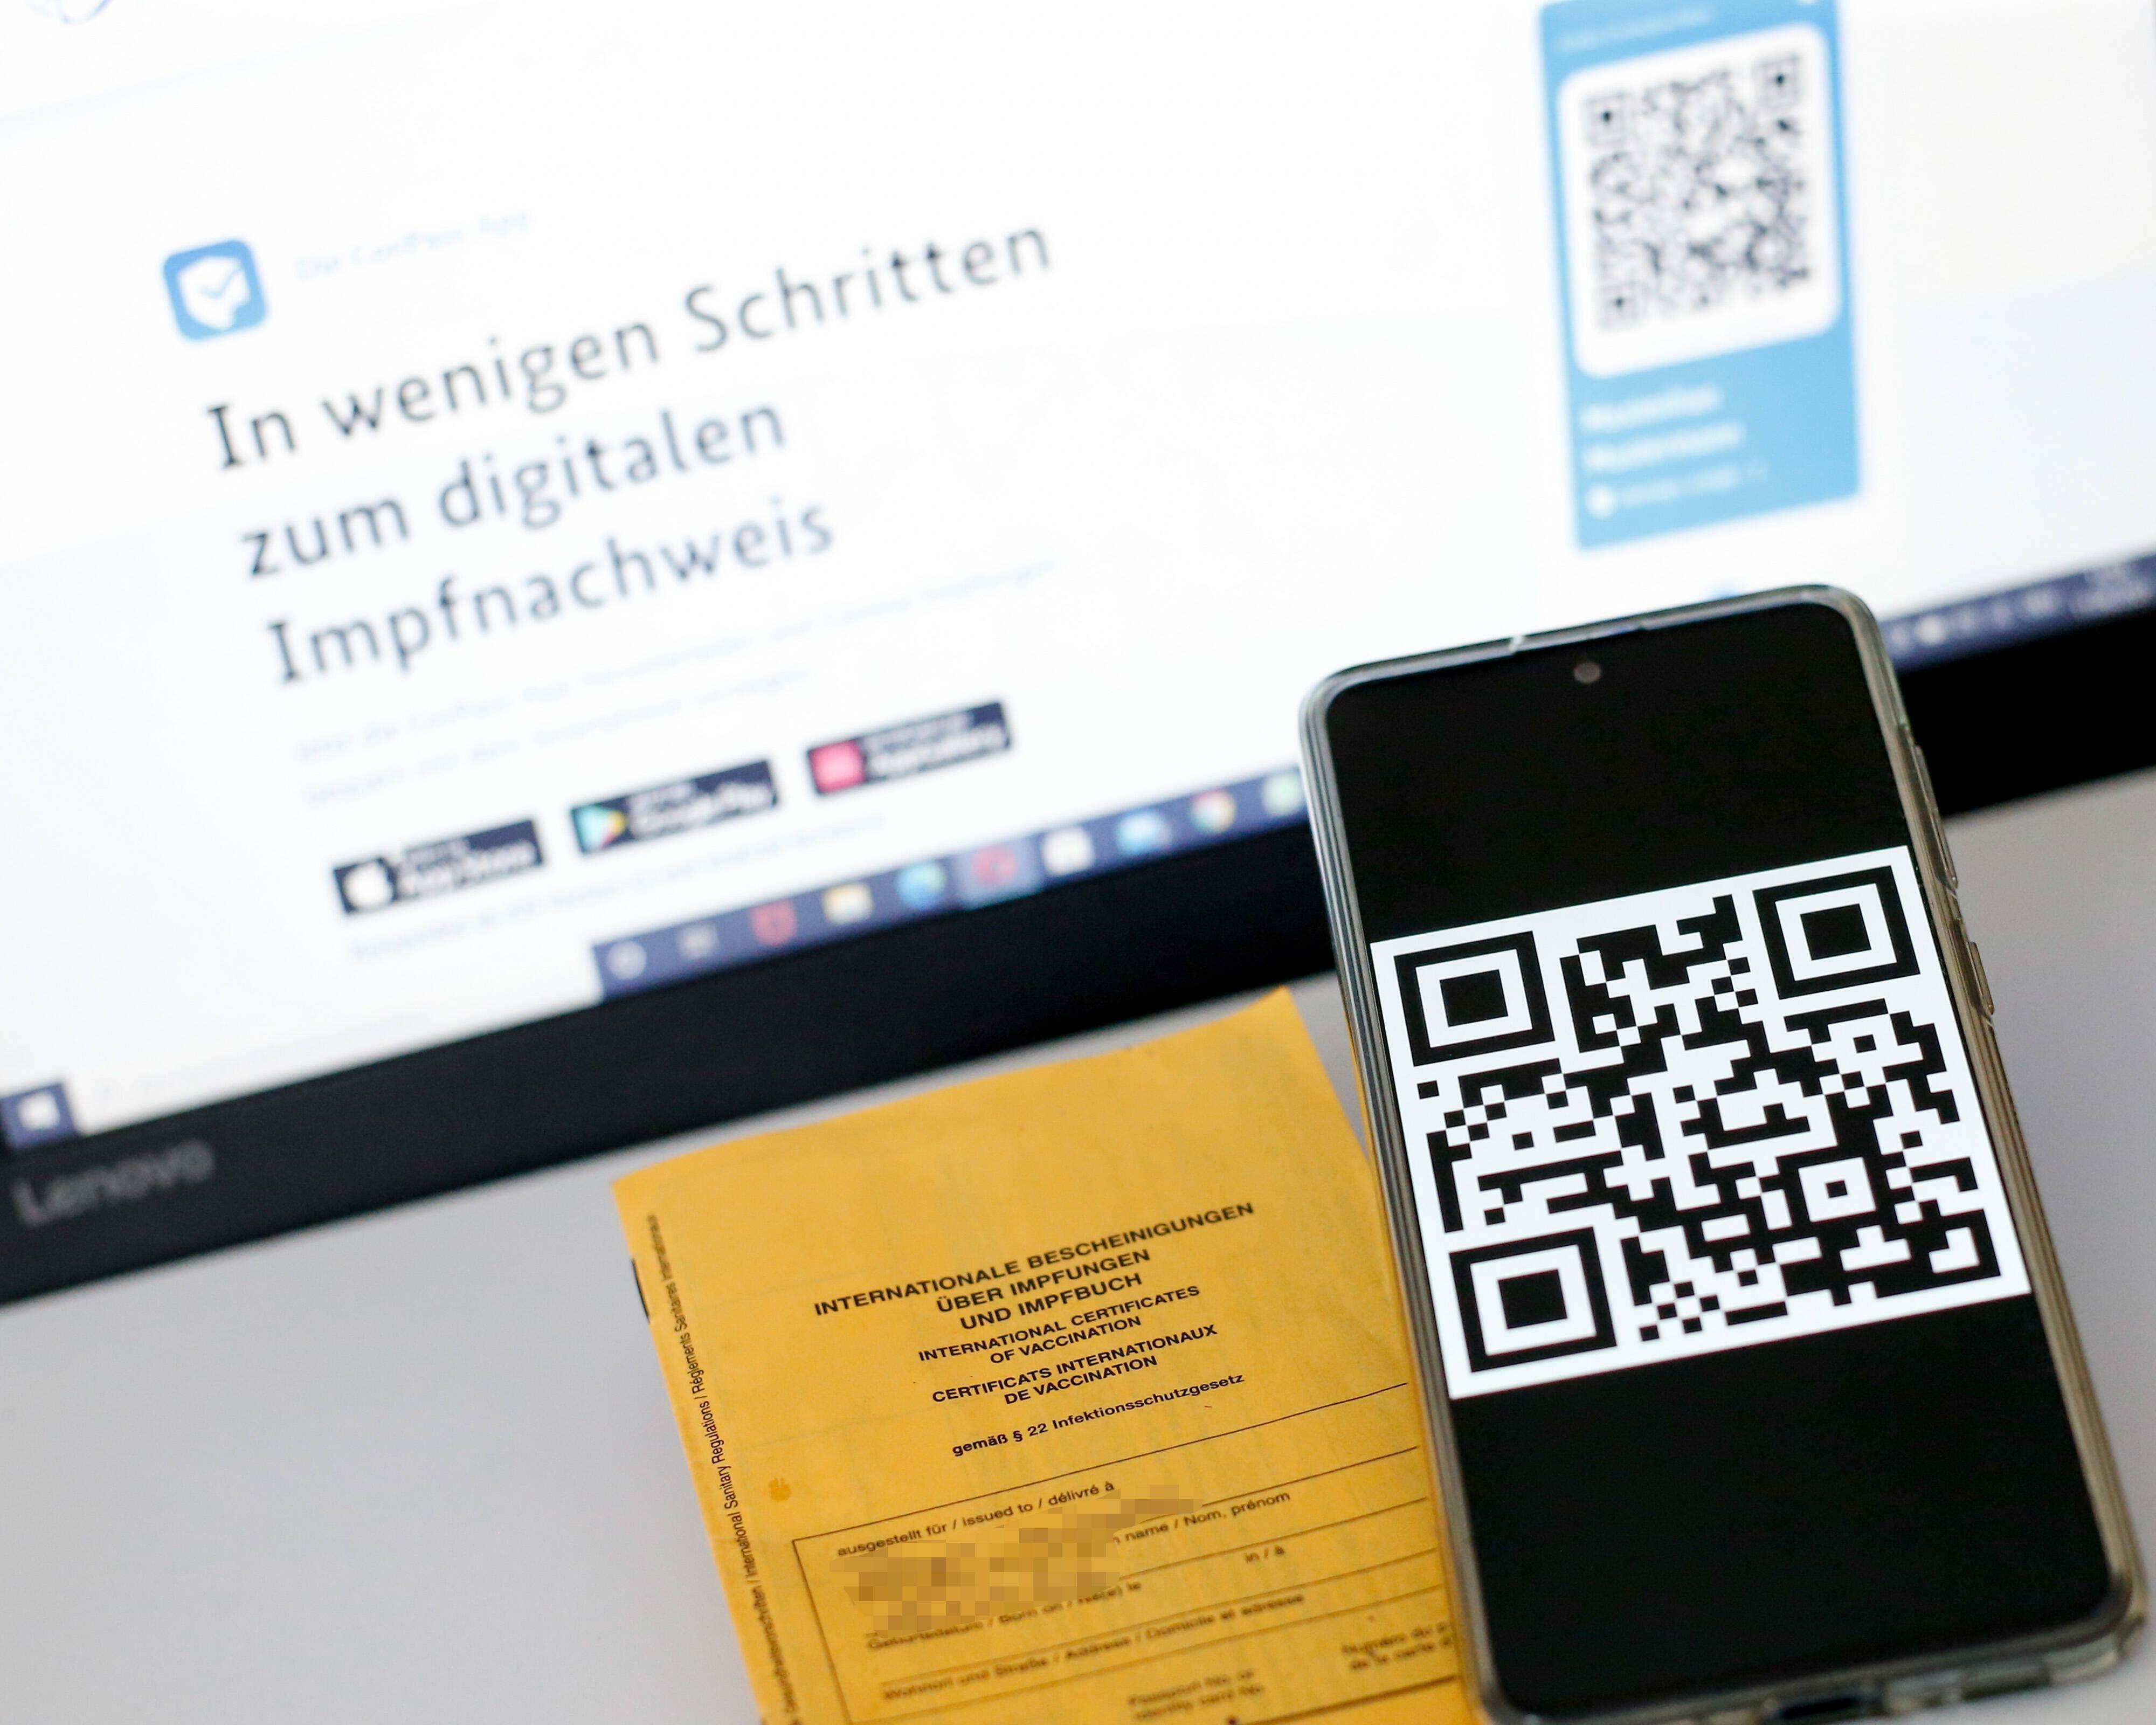 Corona Deutschland Digitaler Impfpass Nicht Einsatzbereit